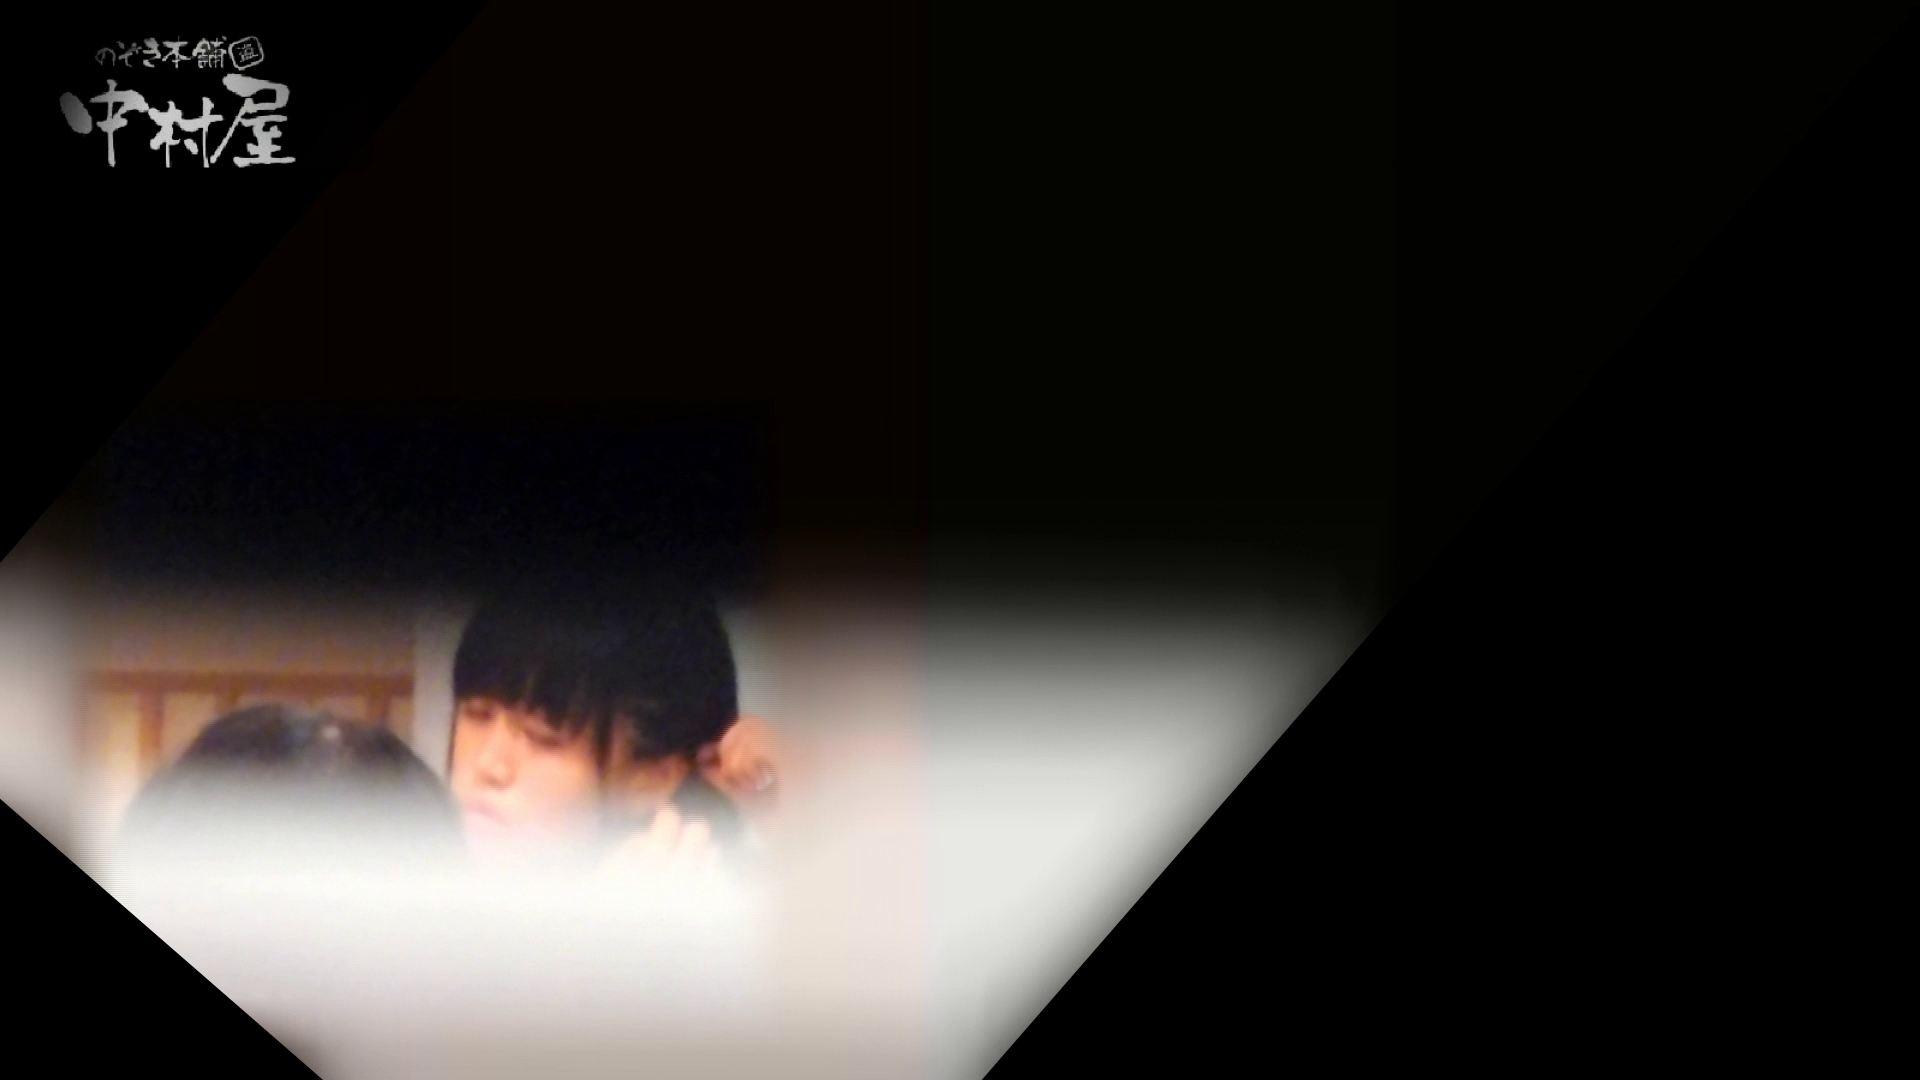 ▲期間限定D▲第三体育館潜入撮File032 進化4!機種変更!!全員現役。後編 美女 オメコ無修正動画無料 89連発 4